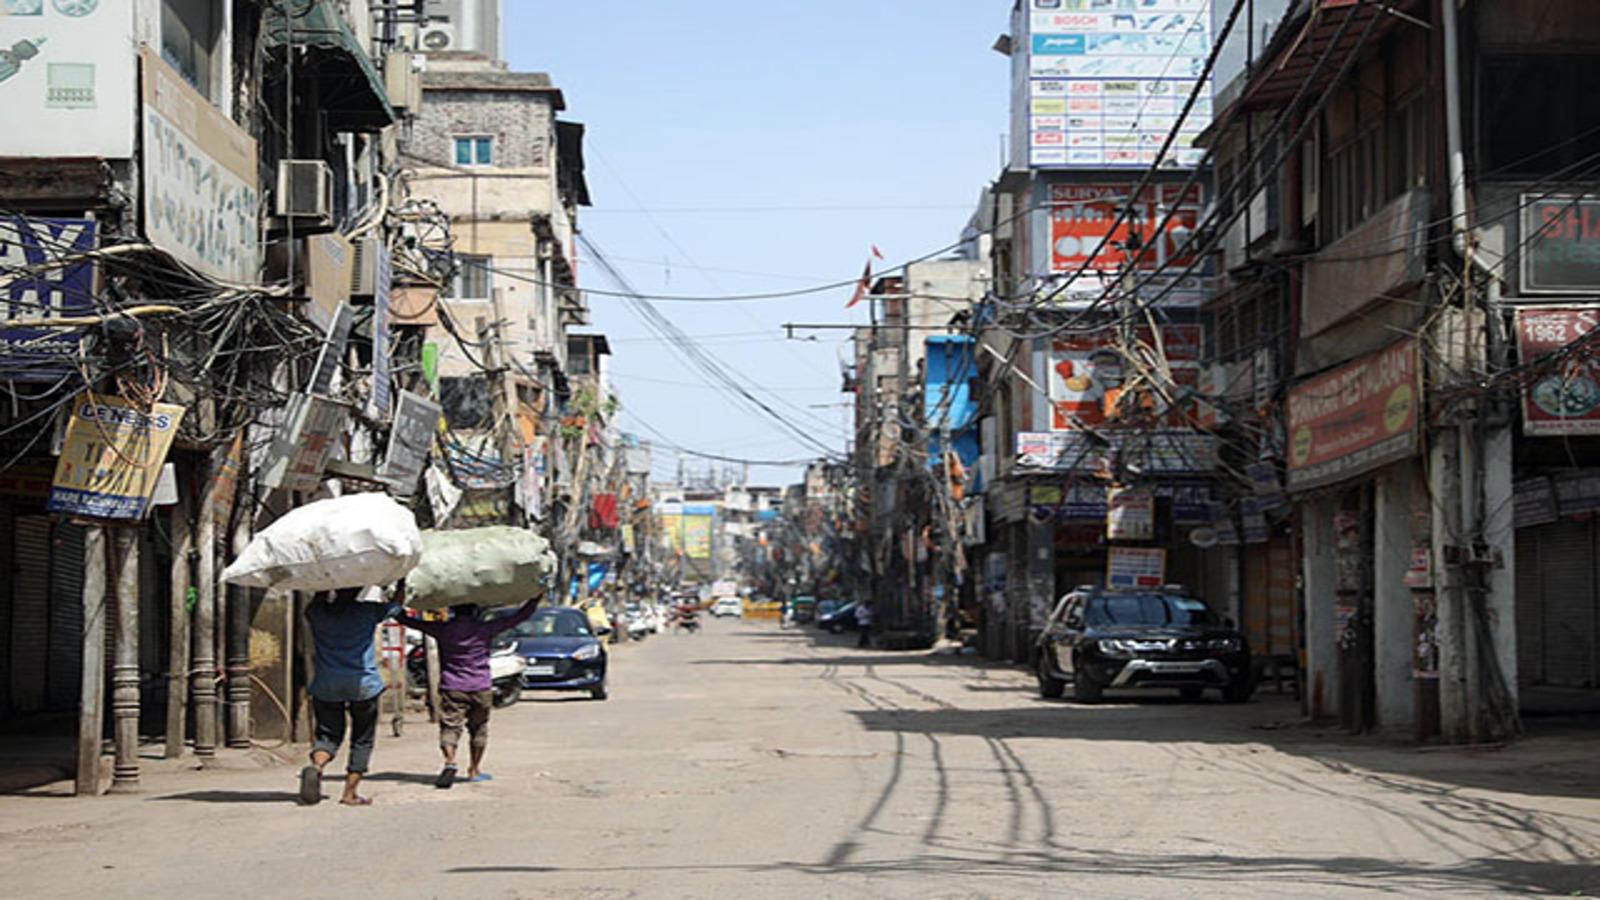 markets, malls reopen in delhi on odd-even basis - inventiva